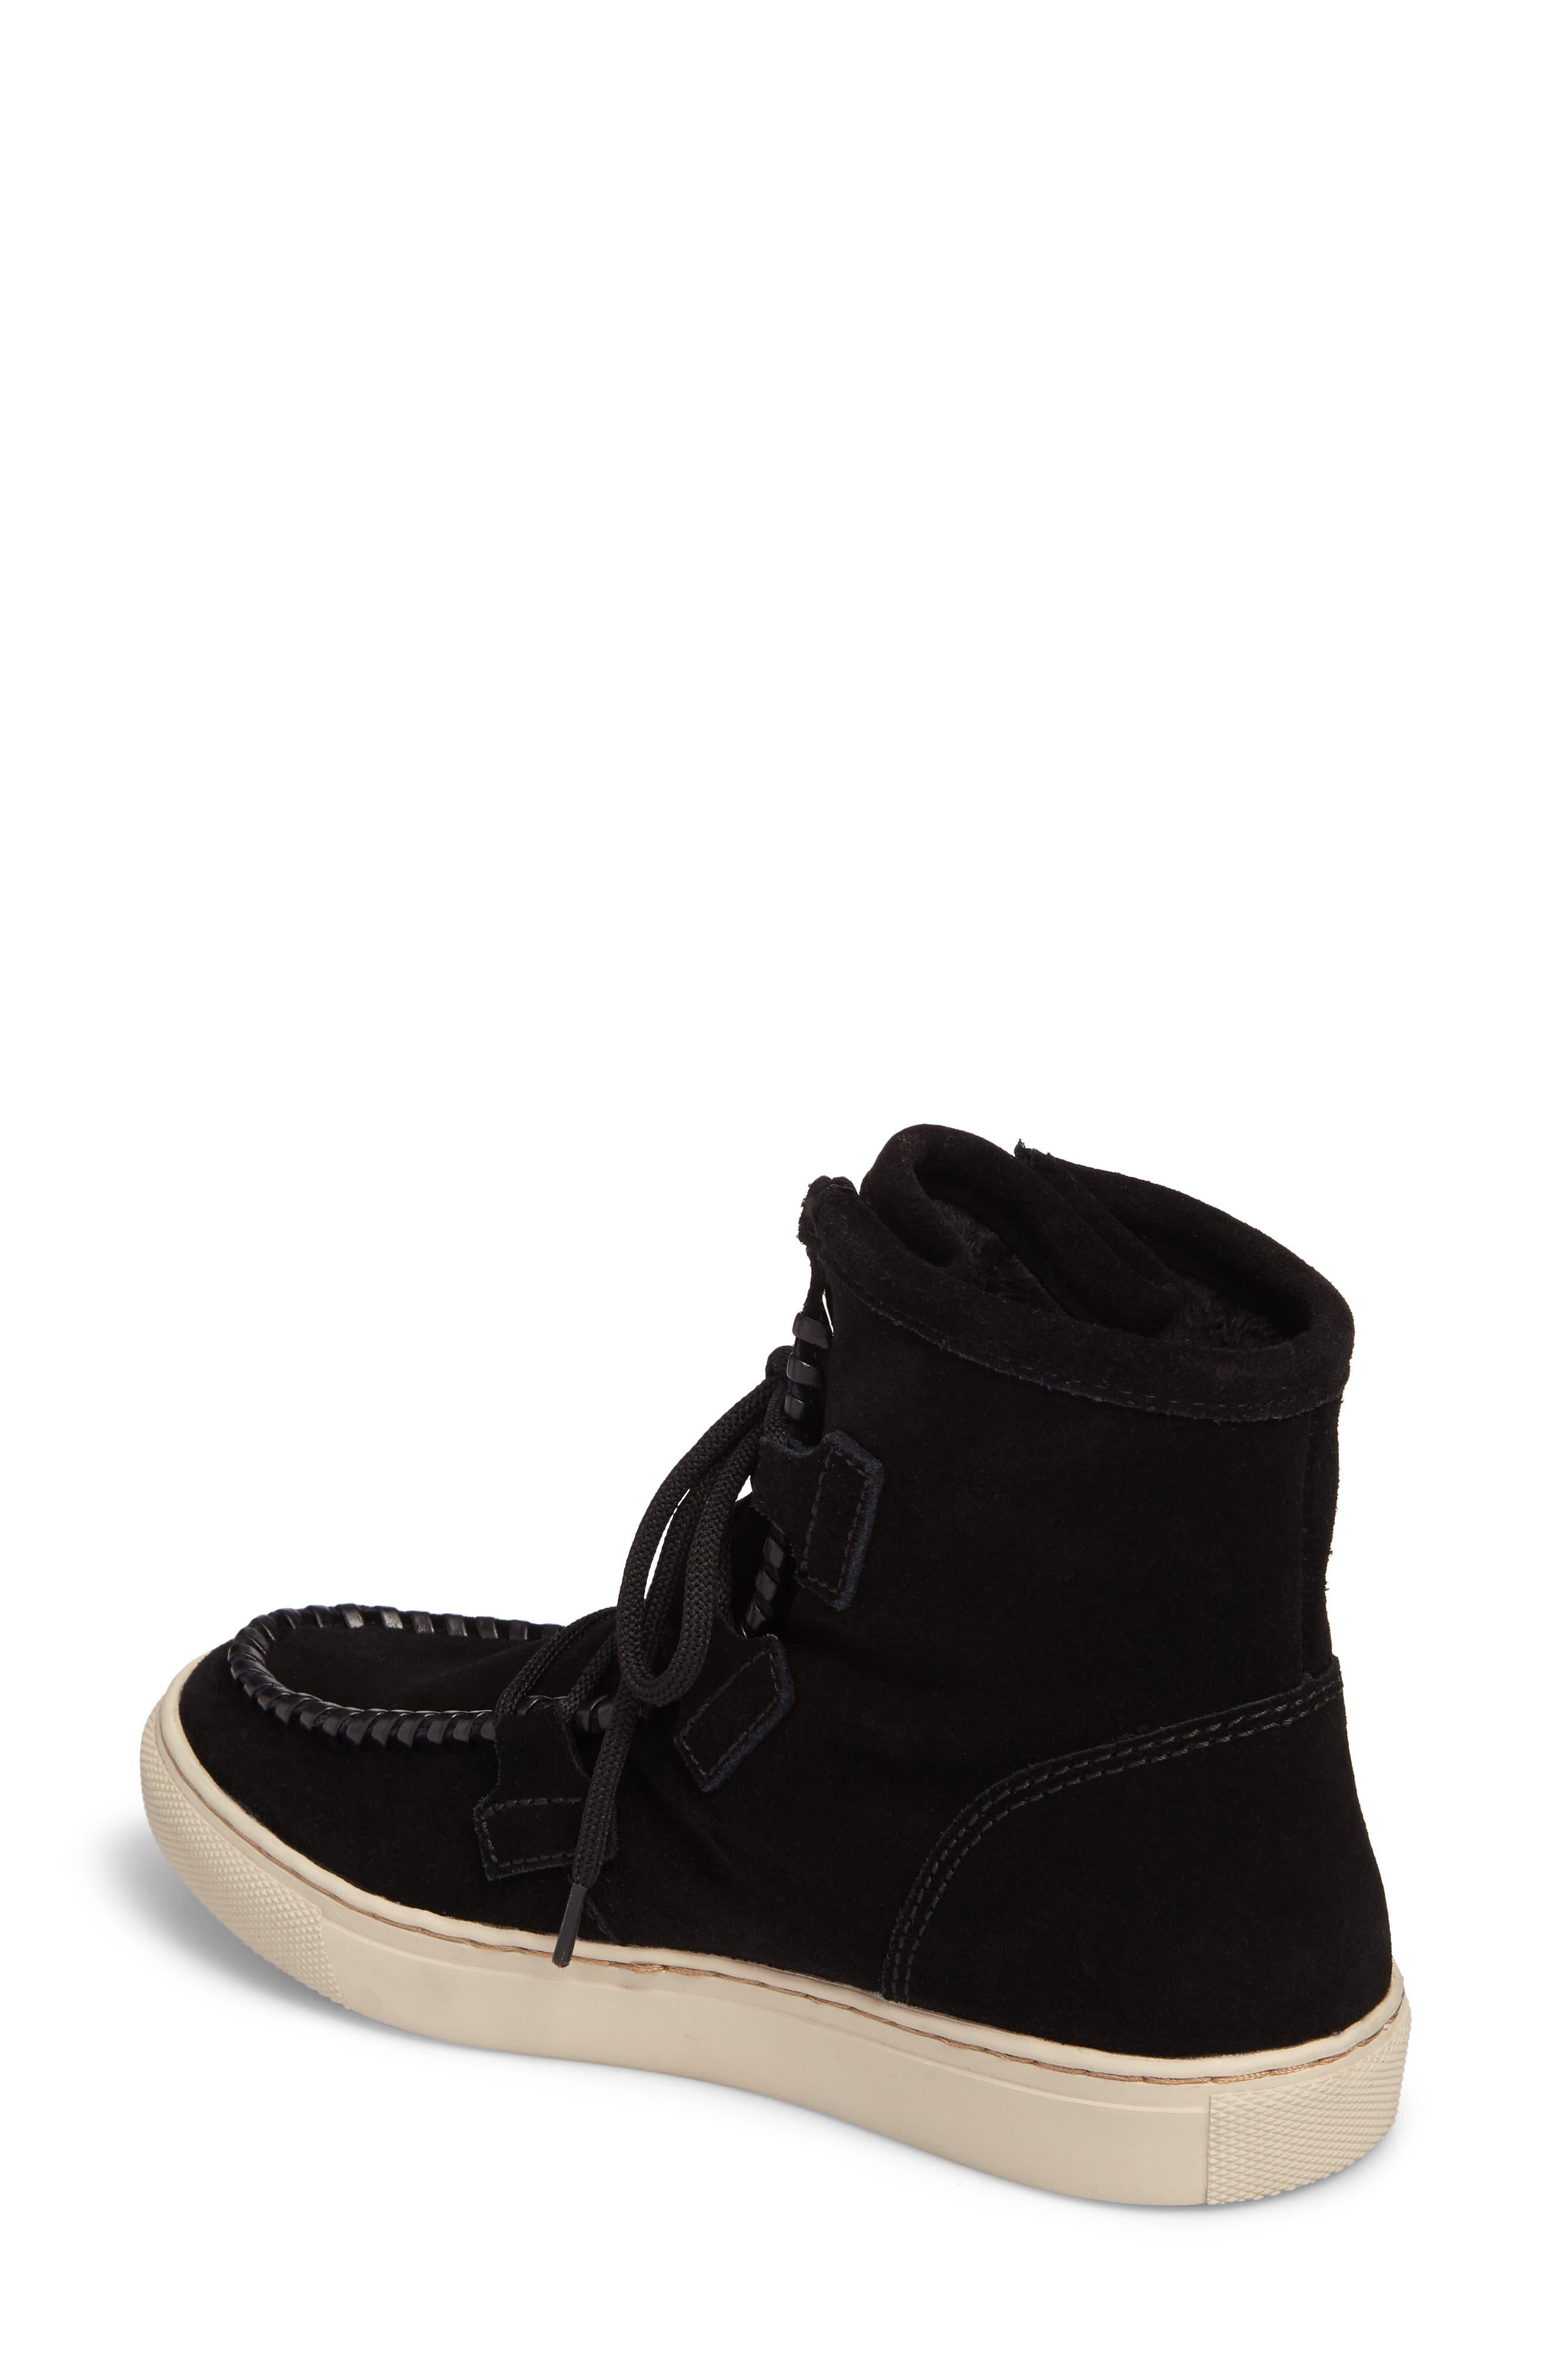 Fabiola Waterproof High Top Sneaker,                             Alternate thumbnail 2, color,                             BLACK SUEDE